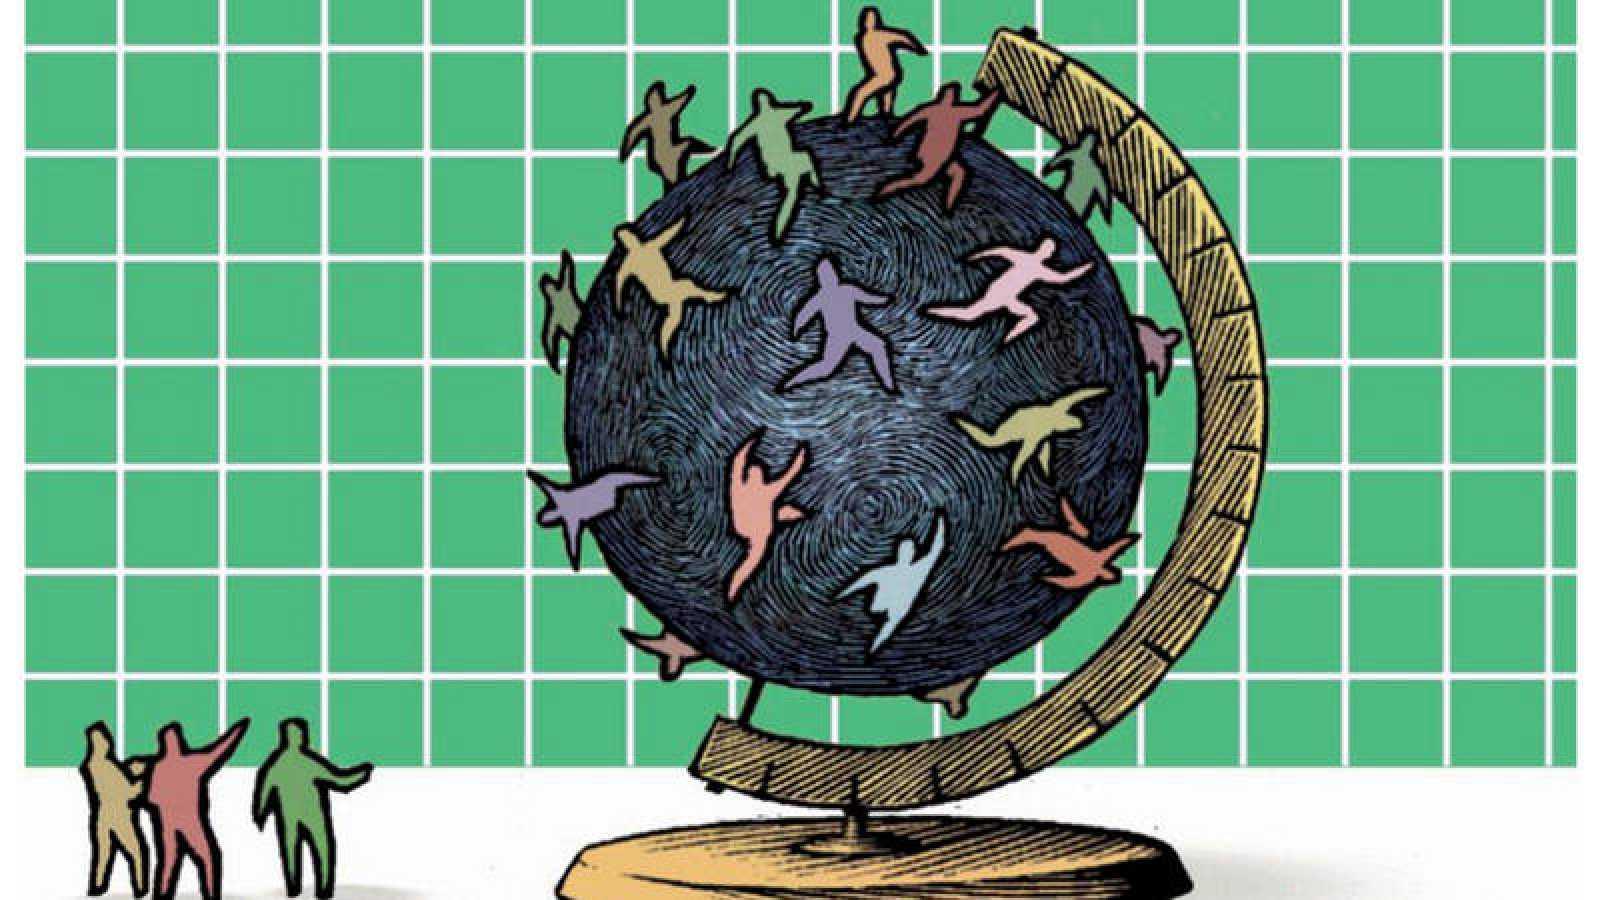 Imagen de la portada del informe de la OCDE sobre migraciones 2018